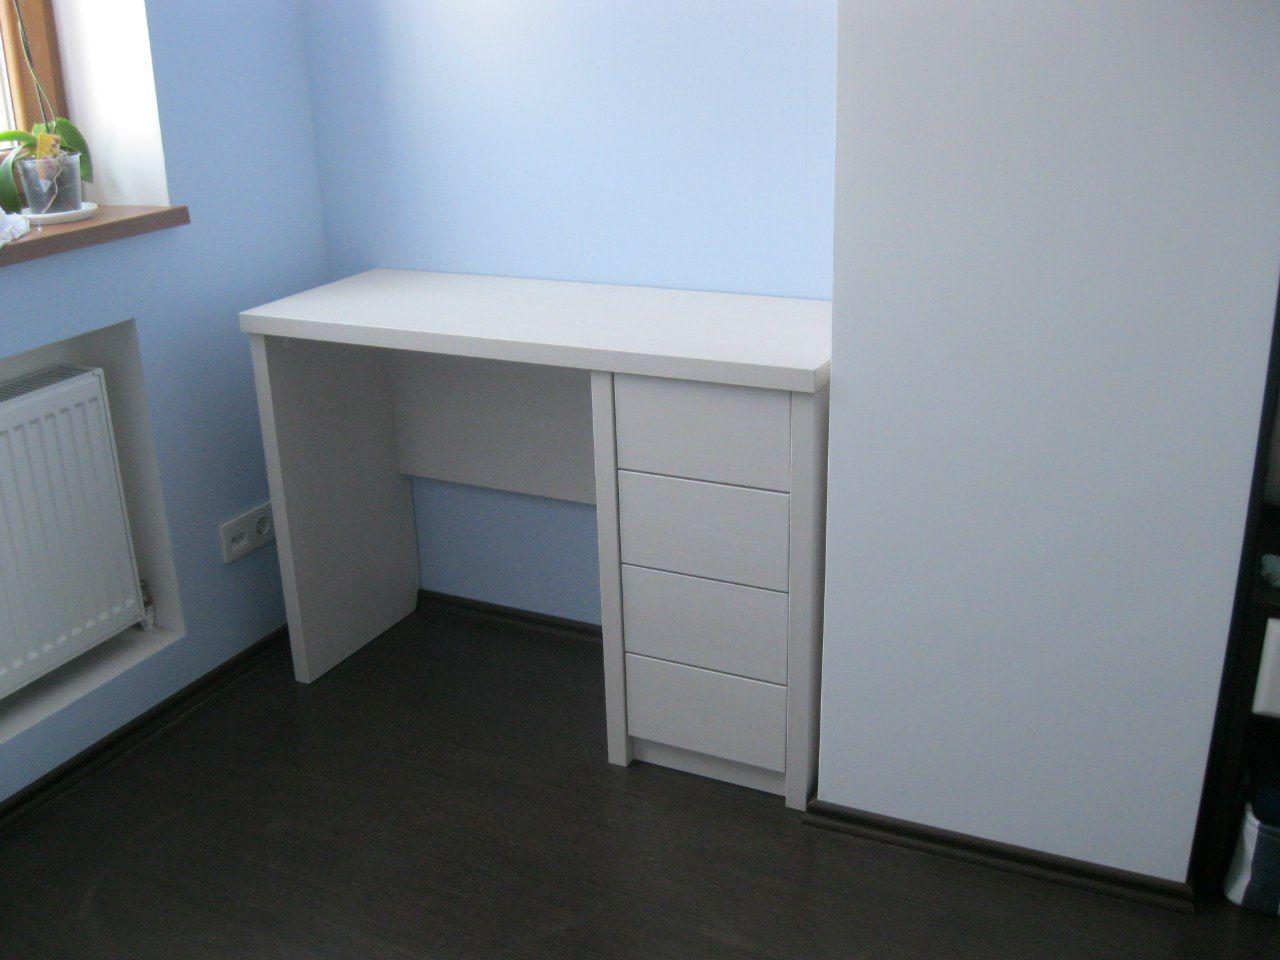 стол и тумбочка, почти встроенные